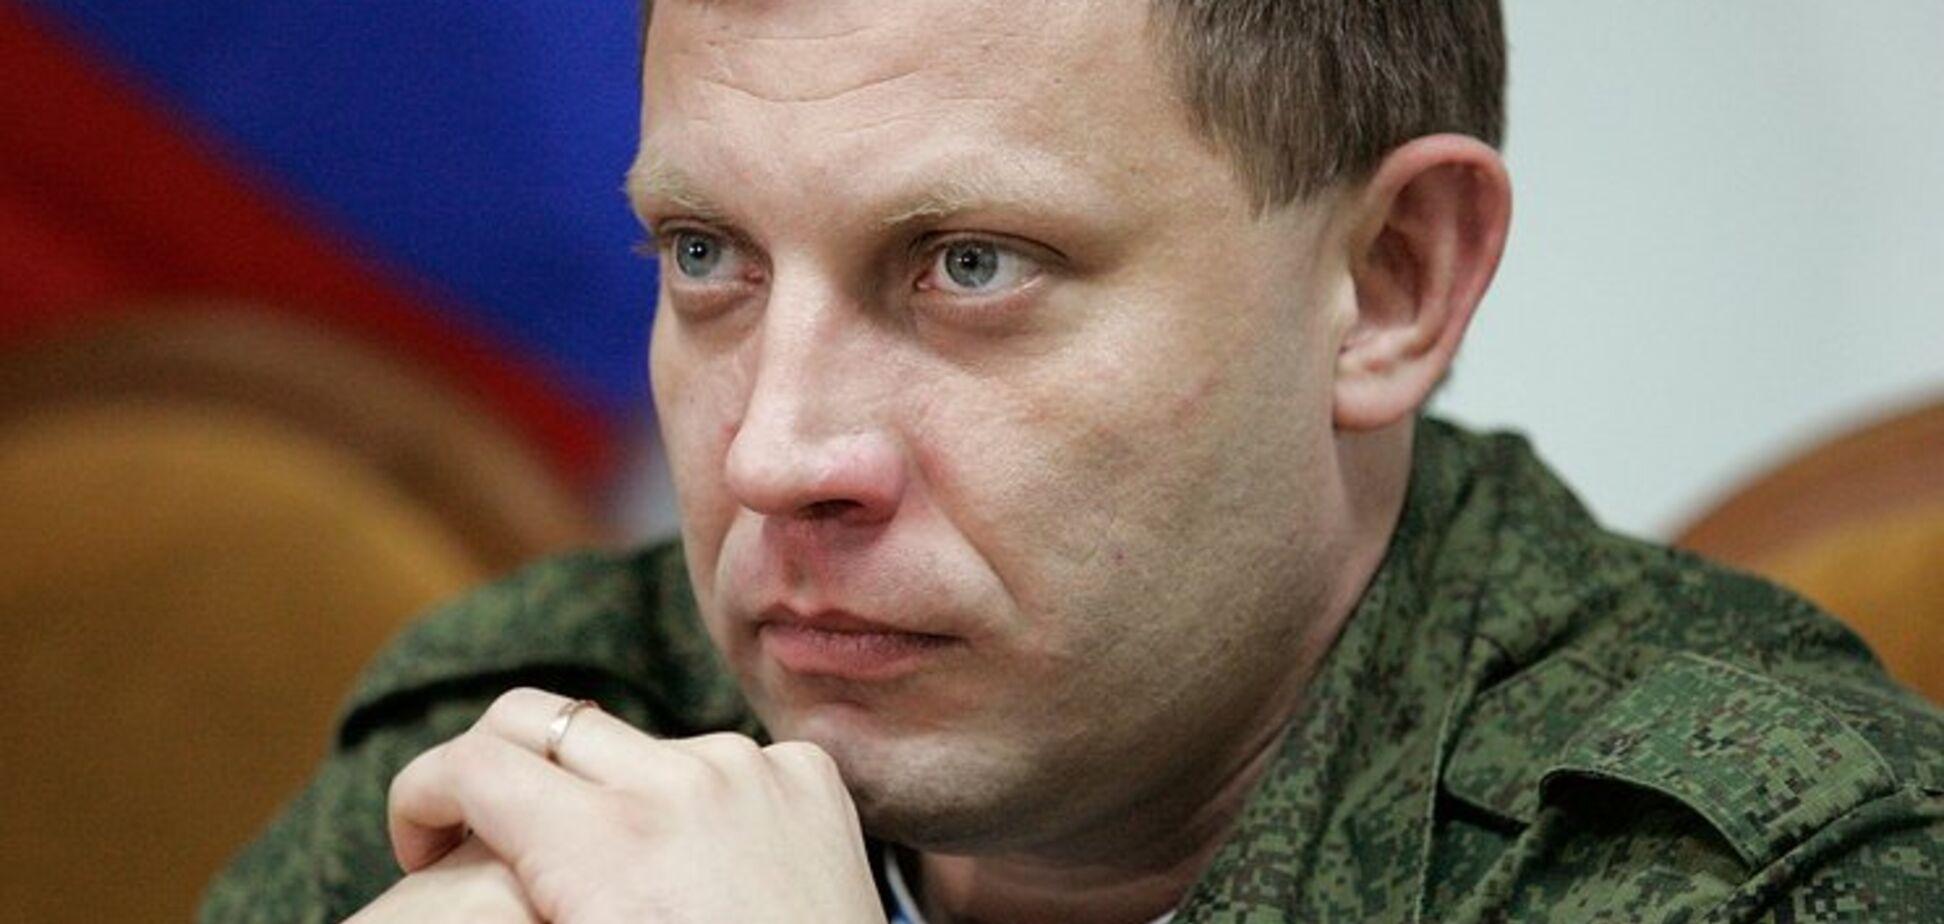 Не без помощи 'друзей': всплыли новые подробности убийства Захарченко